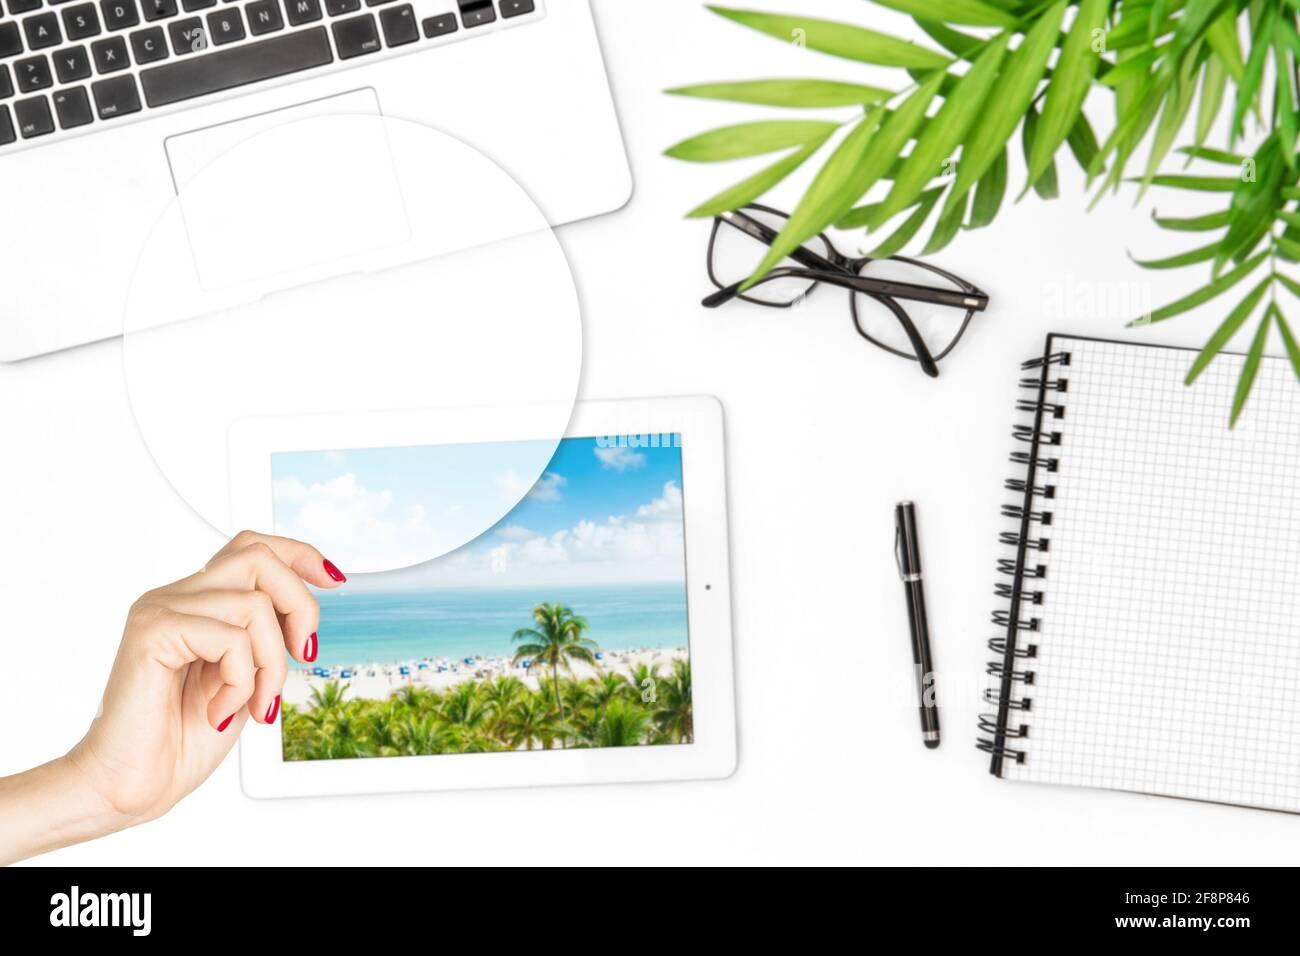 Maquette de ticker transparente pour les devis de motivation. Une femme tenant une main avec un modèle de carte vierge Banque D'Images